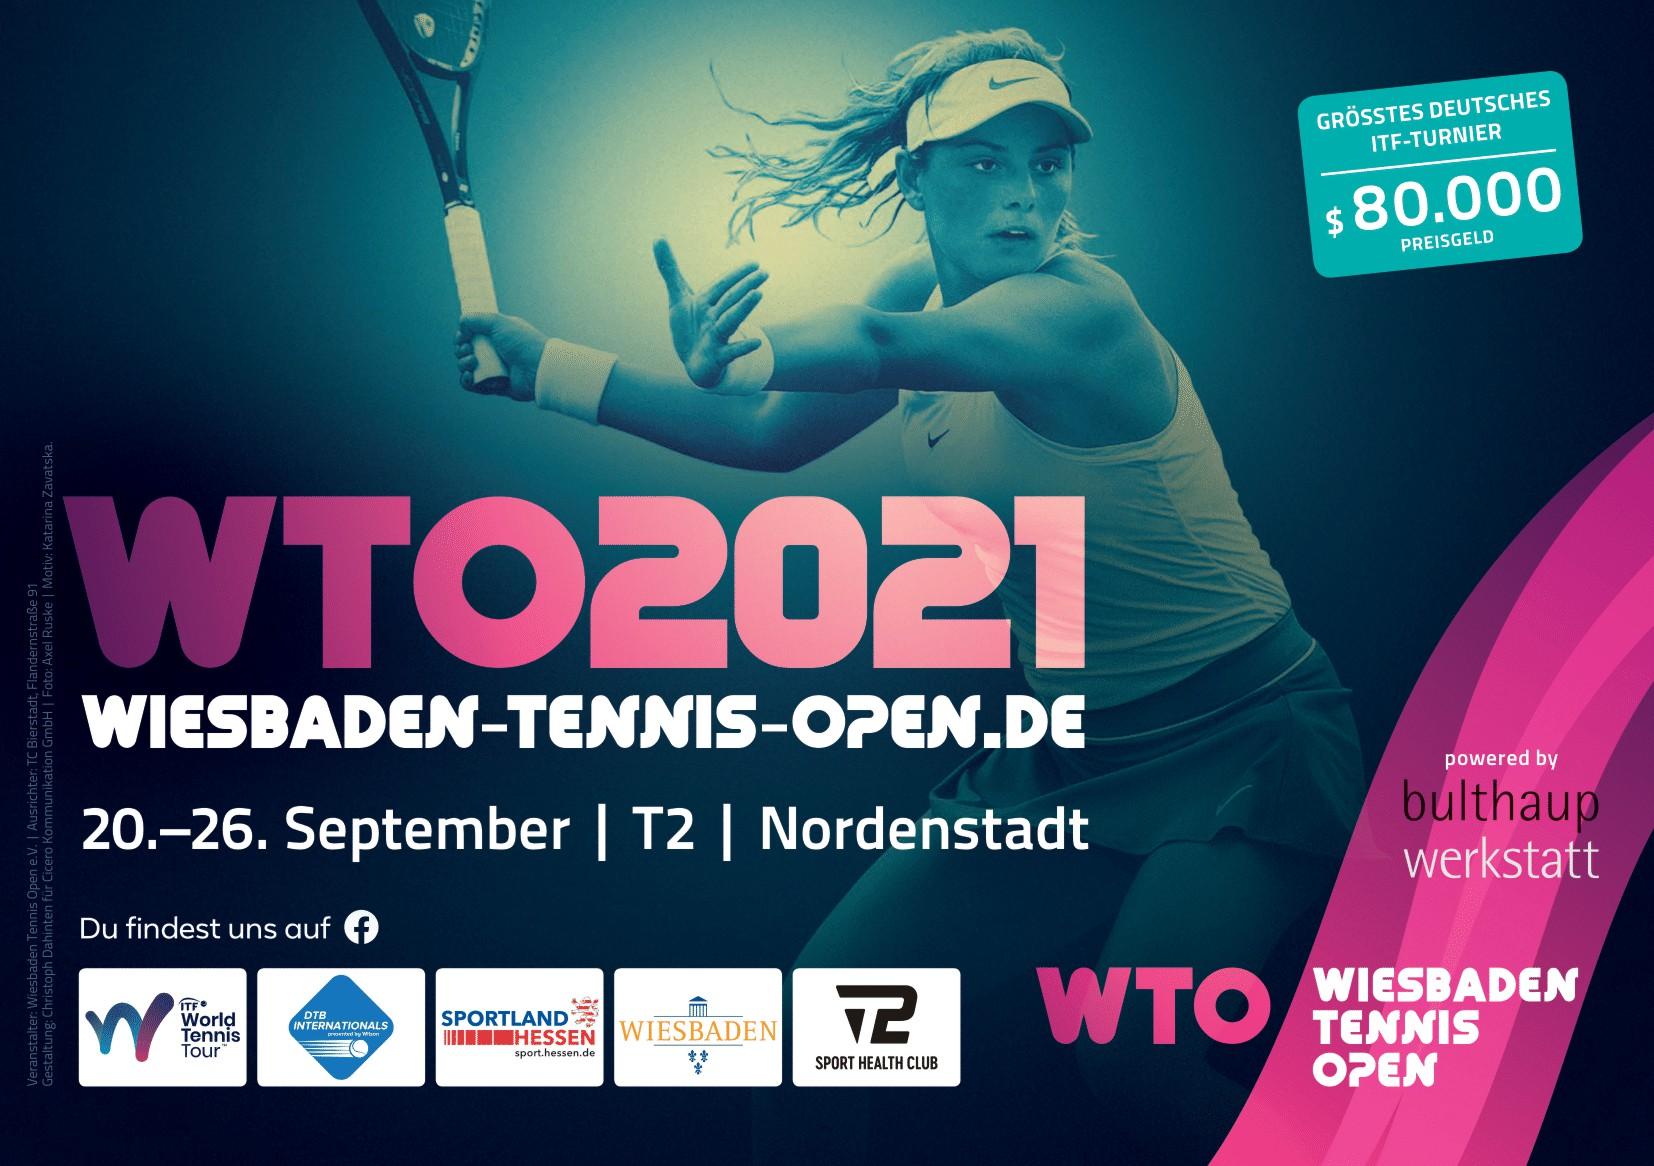 Wiesbaden Tennis Open, Keyvisual, Frau, die Tennis spielt